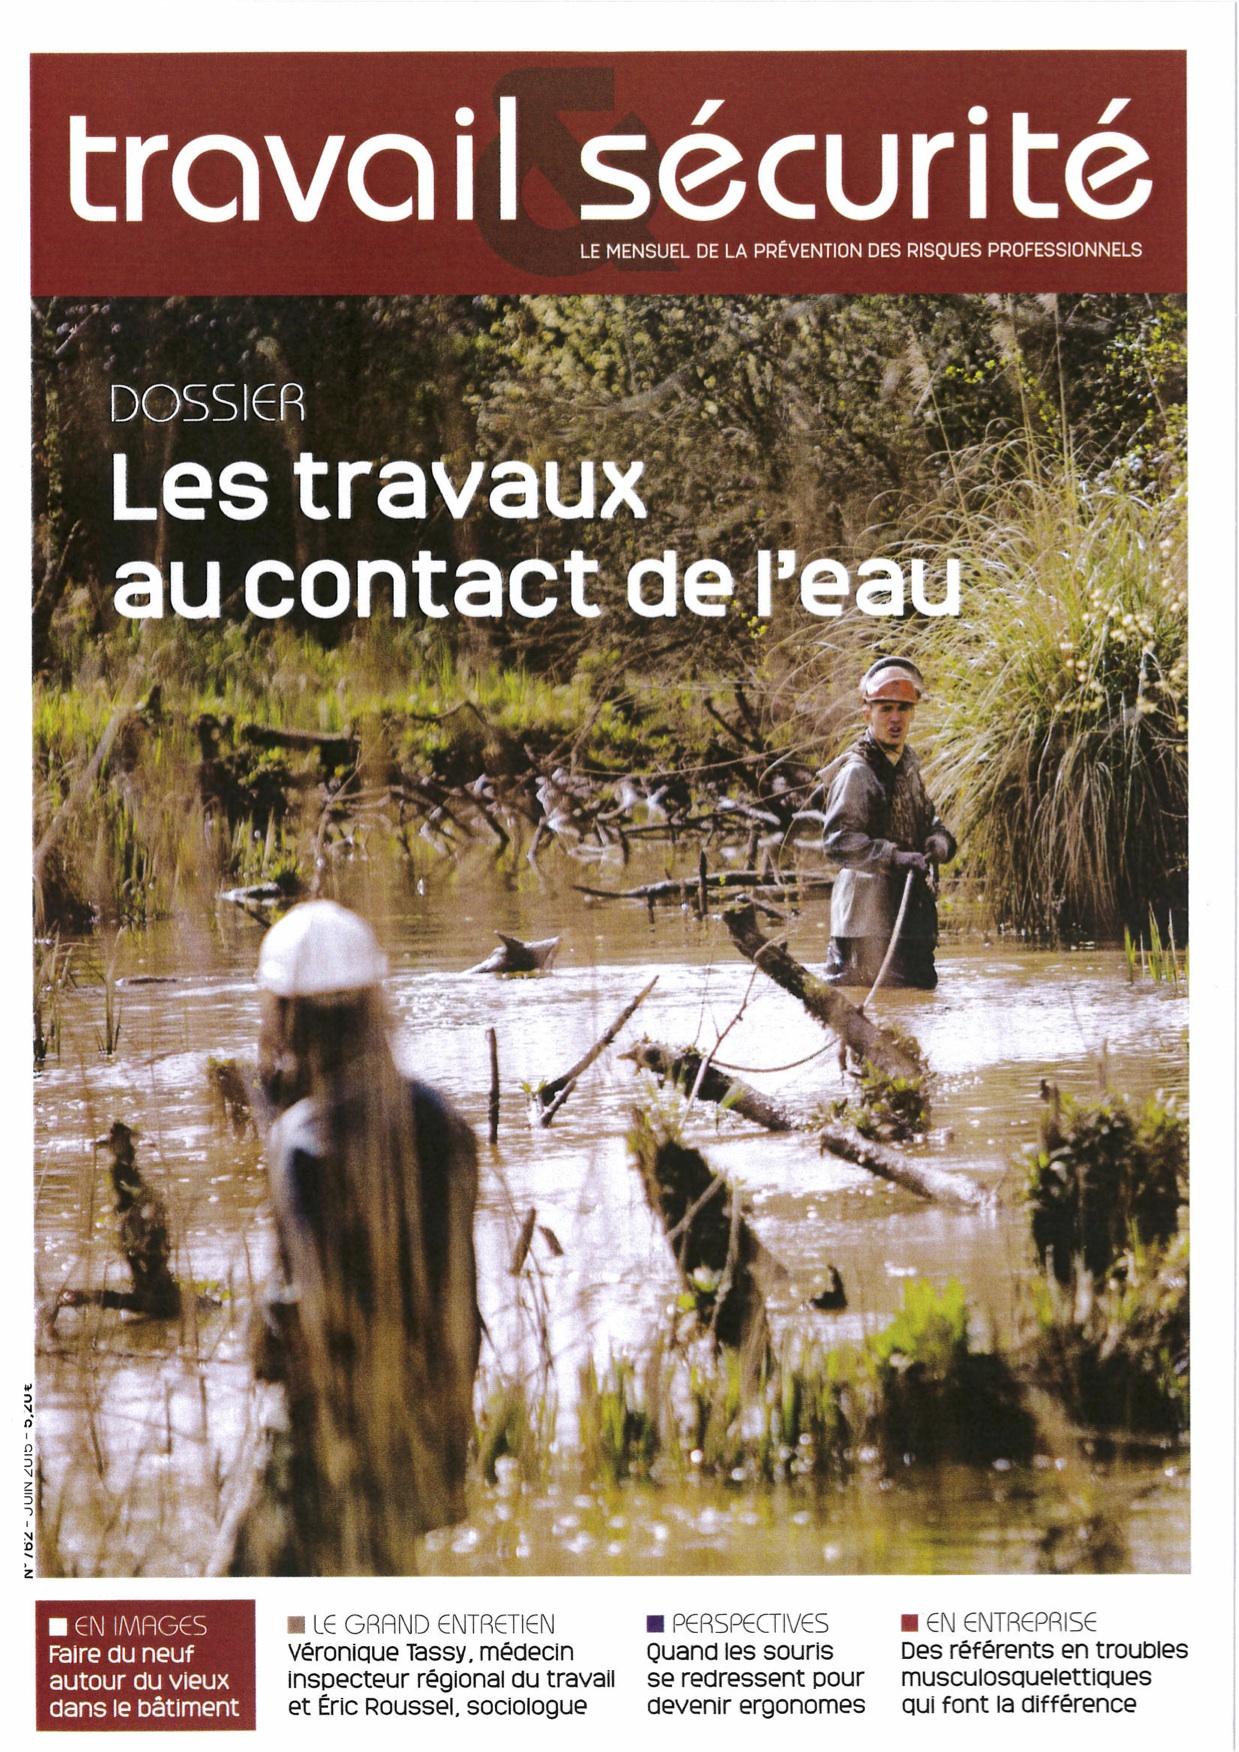 Les travaux au contact de l'eau, la sécurité en chantier rivière, page 1